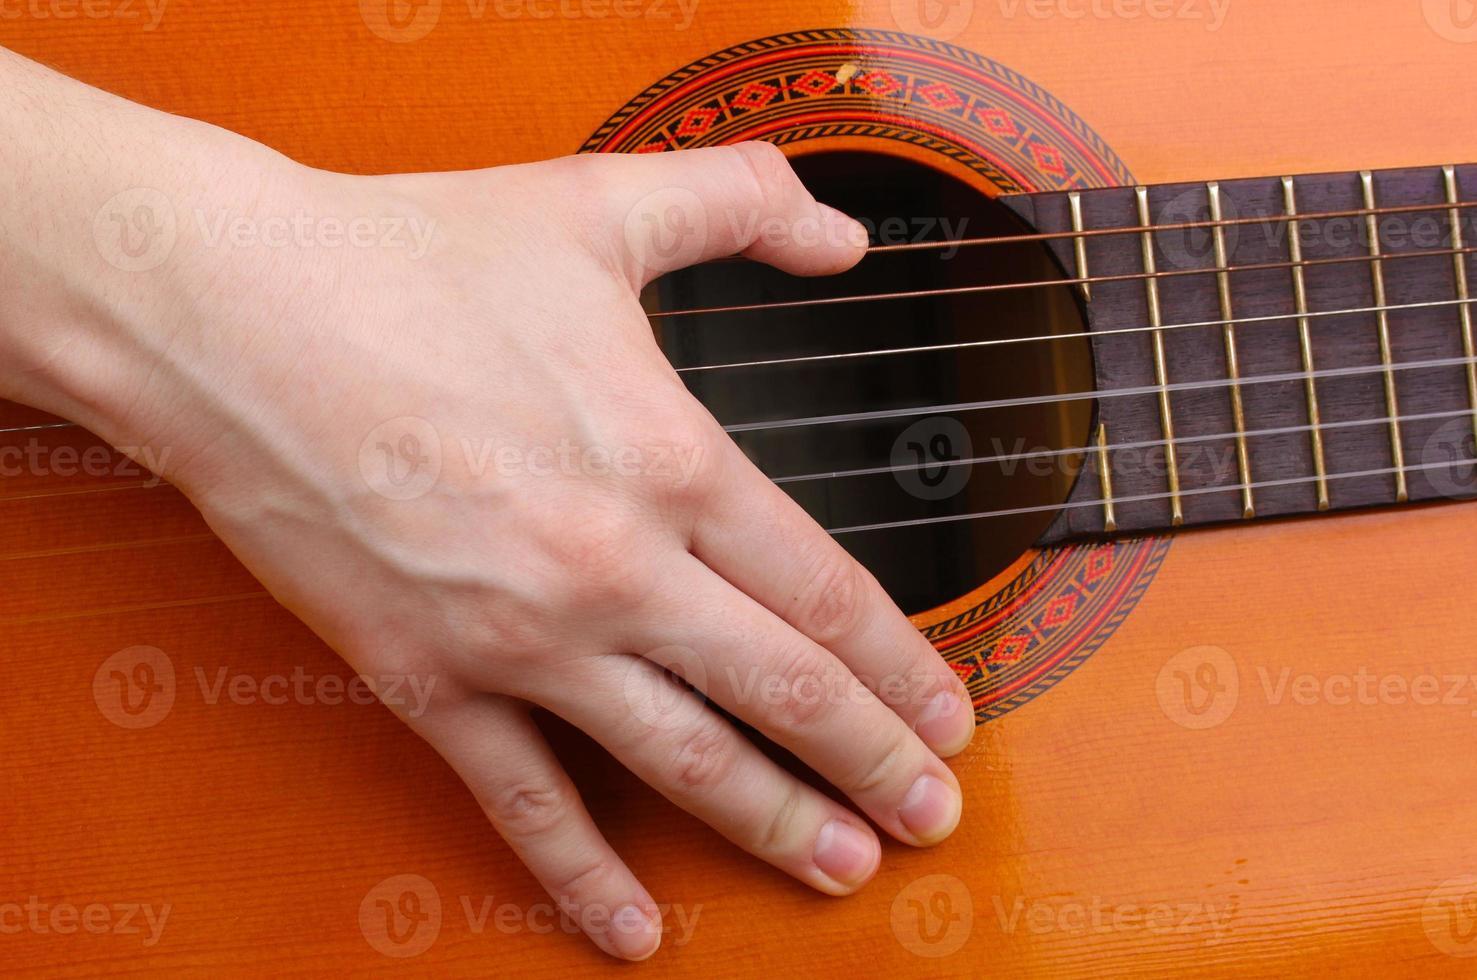 Guitar close-up photo